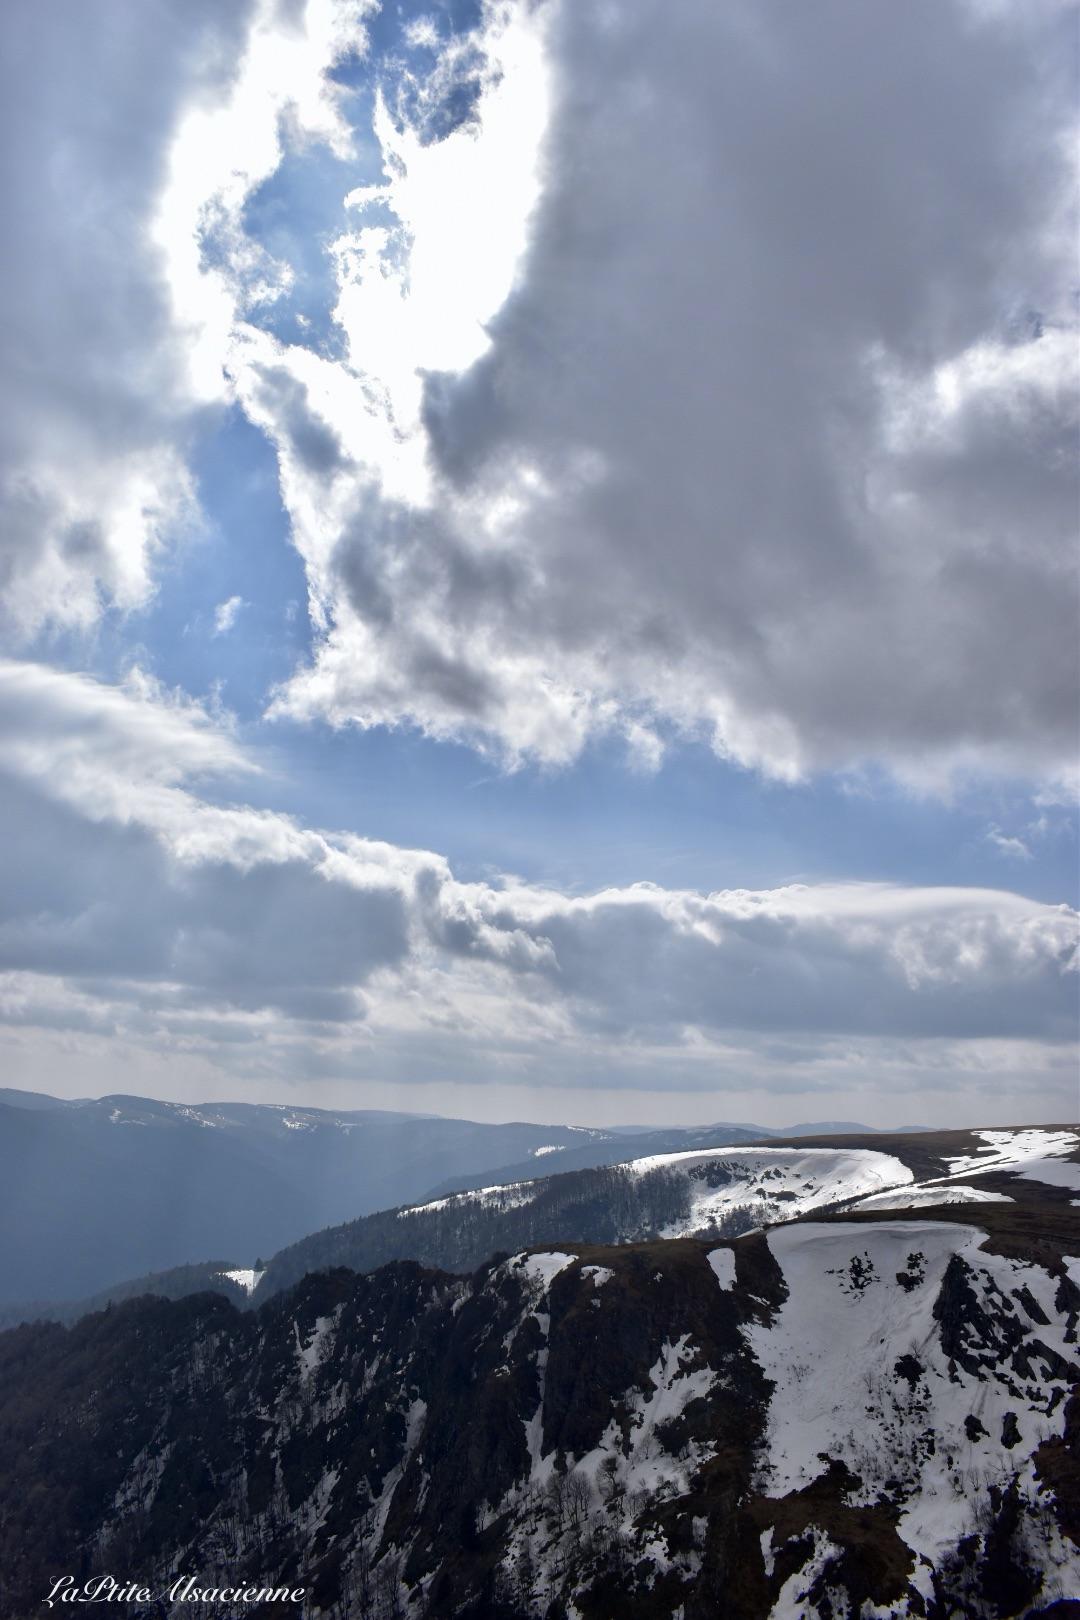 Vue sur les Vosges depuis le Hohneck - Cendrine Miesch dite LaPtiteAlsacienne